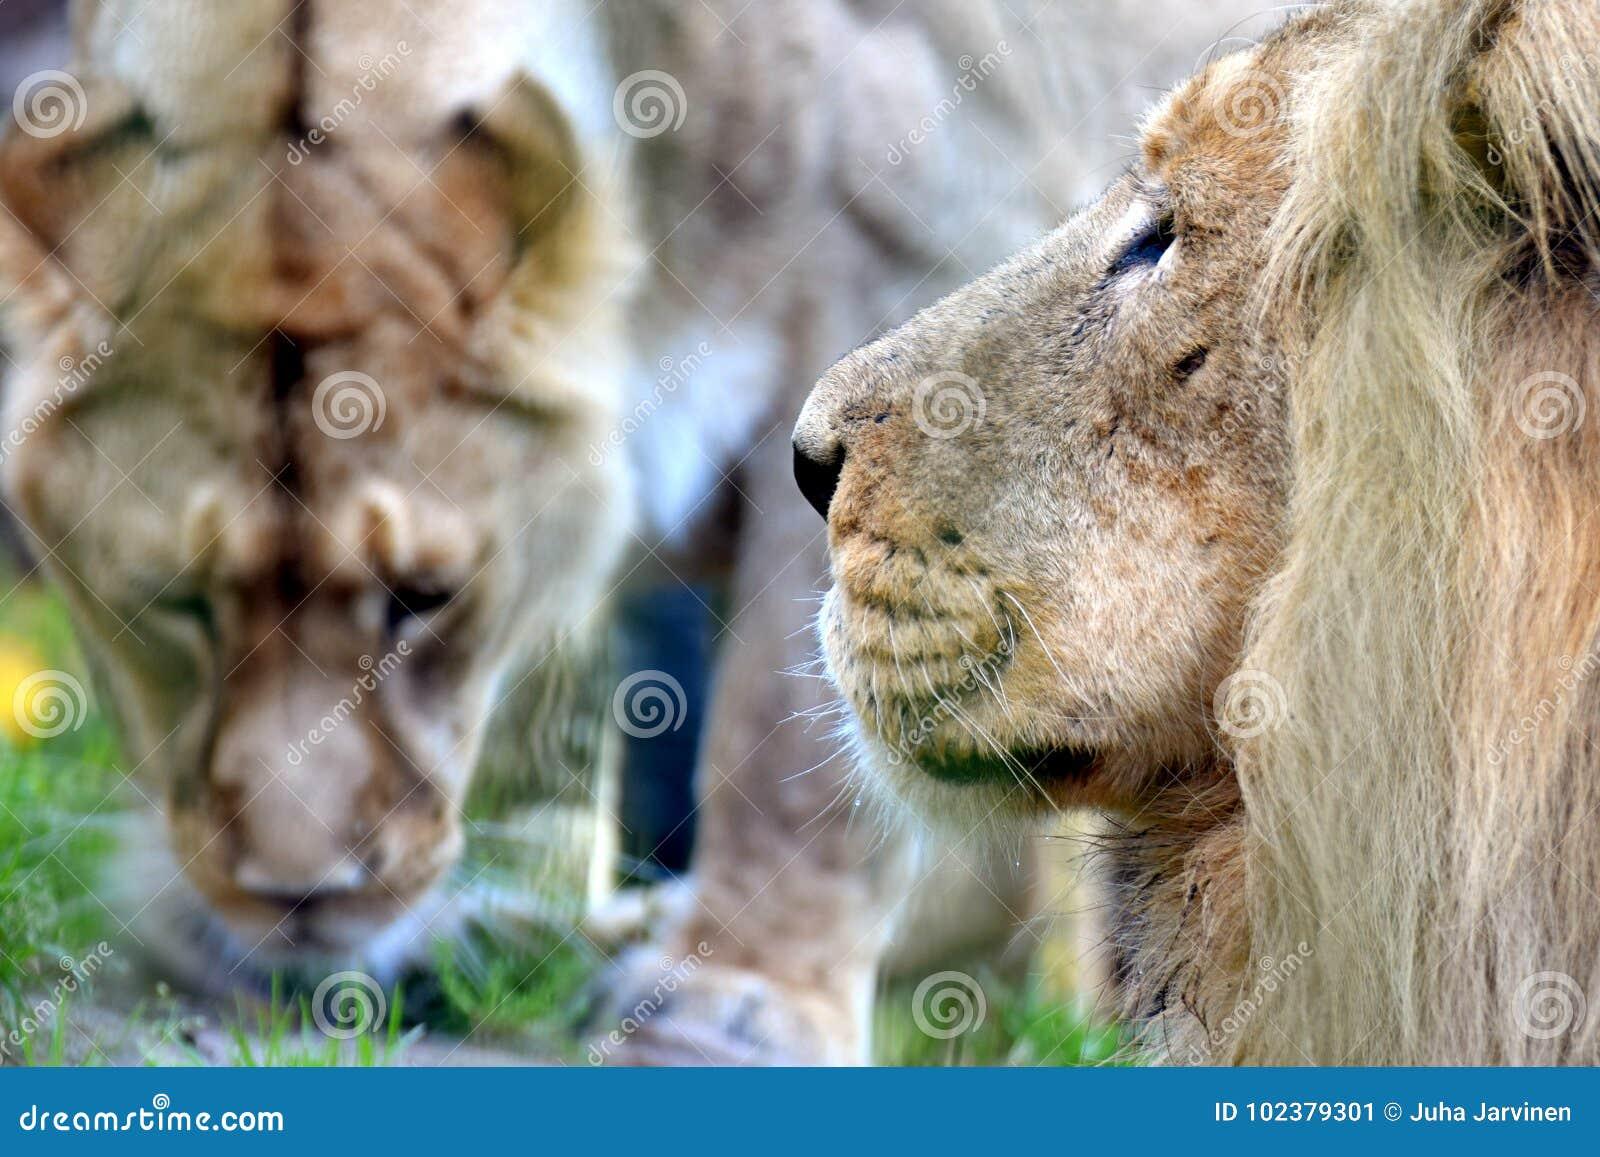 Foto gemacht während der Safari in Ngorongoro-Bereich